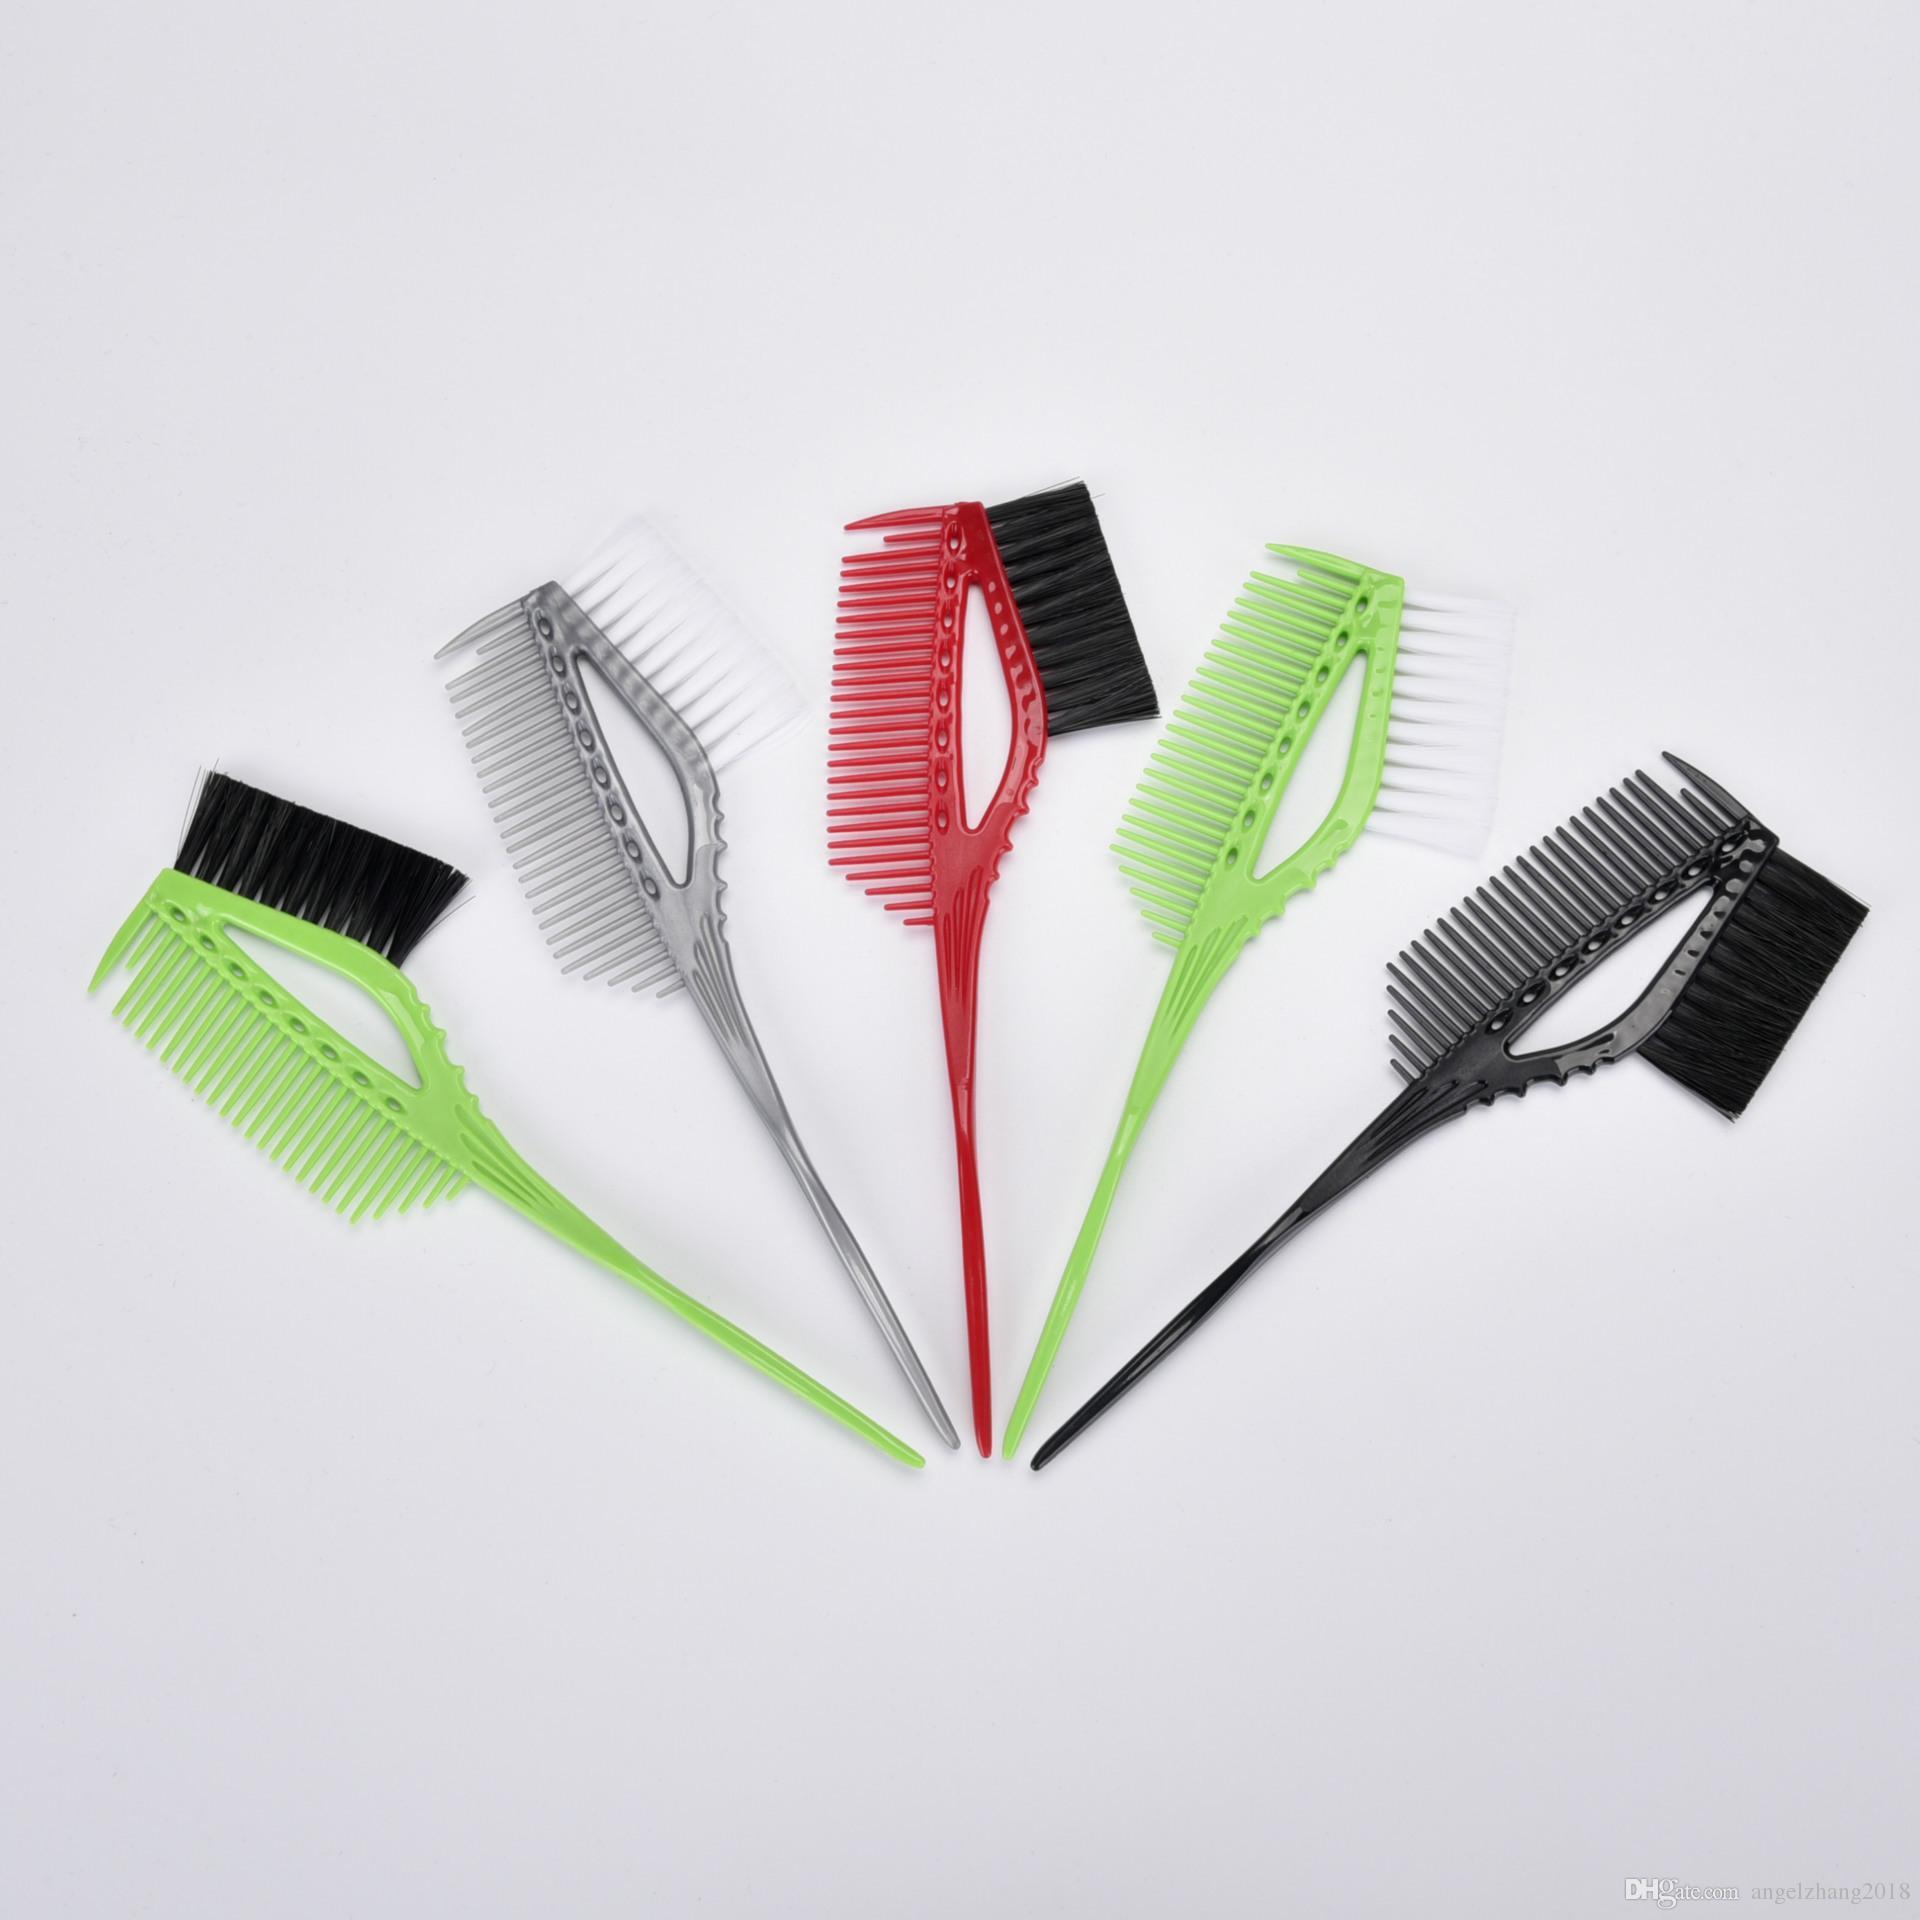 새로운 헤어 컬러 염색 색조와 헤어 브러쉬 미용이 도구 머리카락 살롱 전문 염색 브러쉬 색칠 빗 살롱 이발 도구